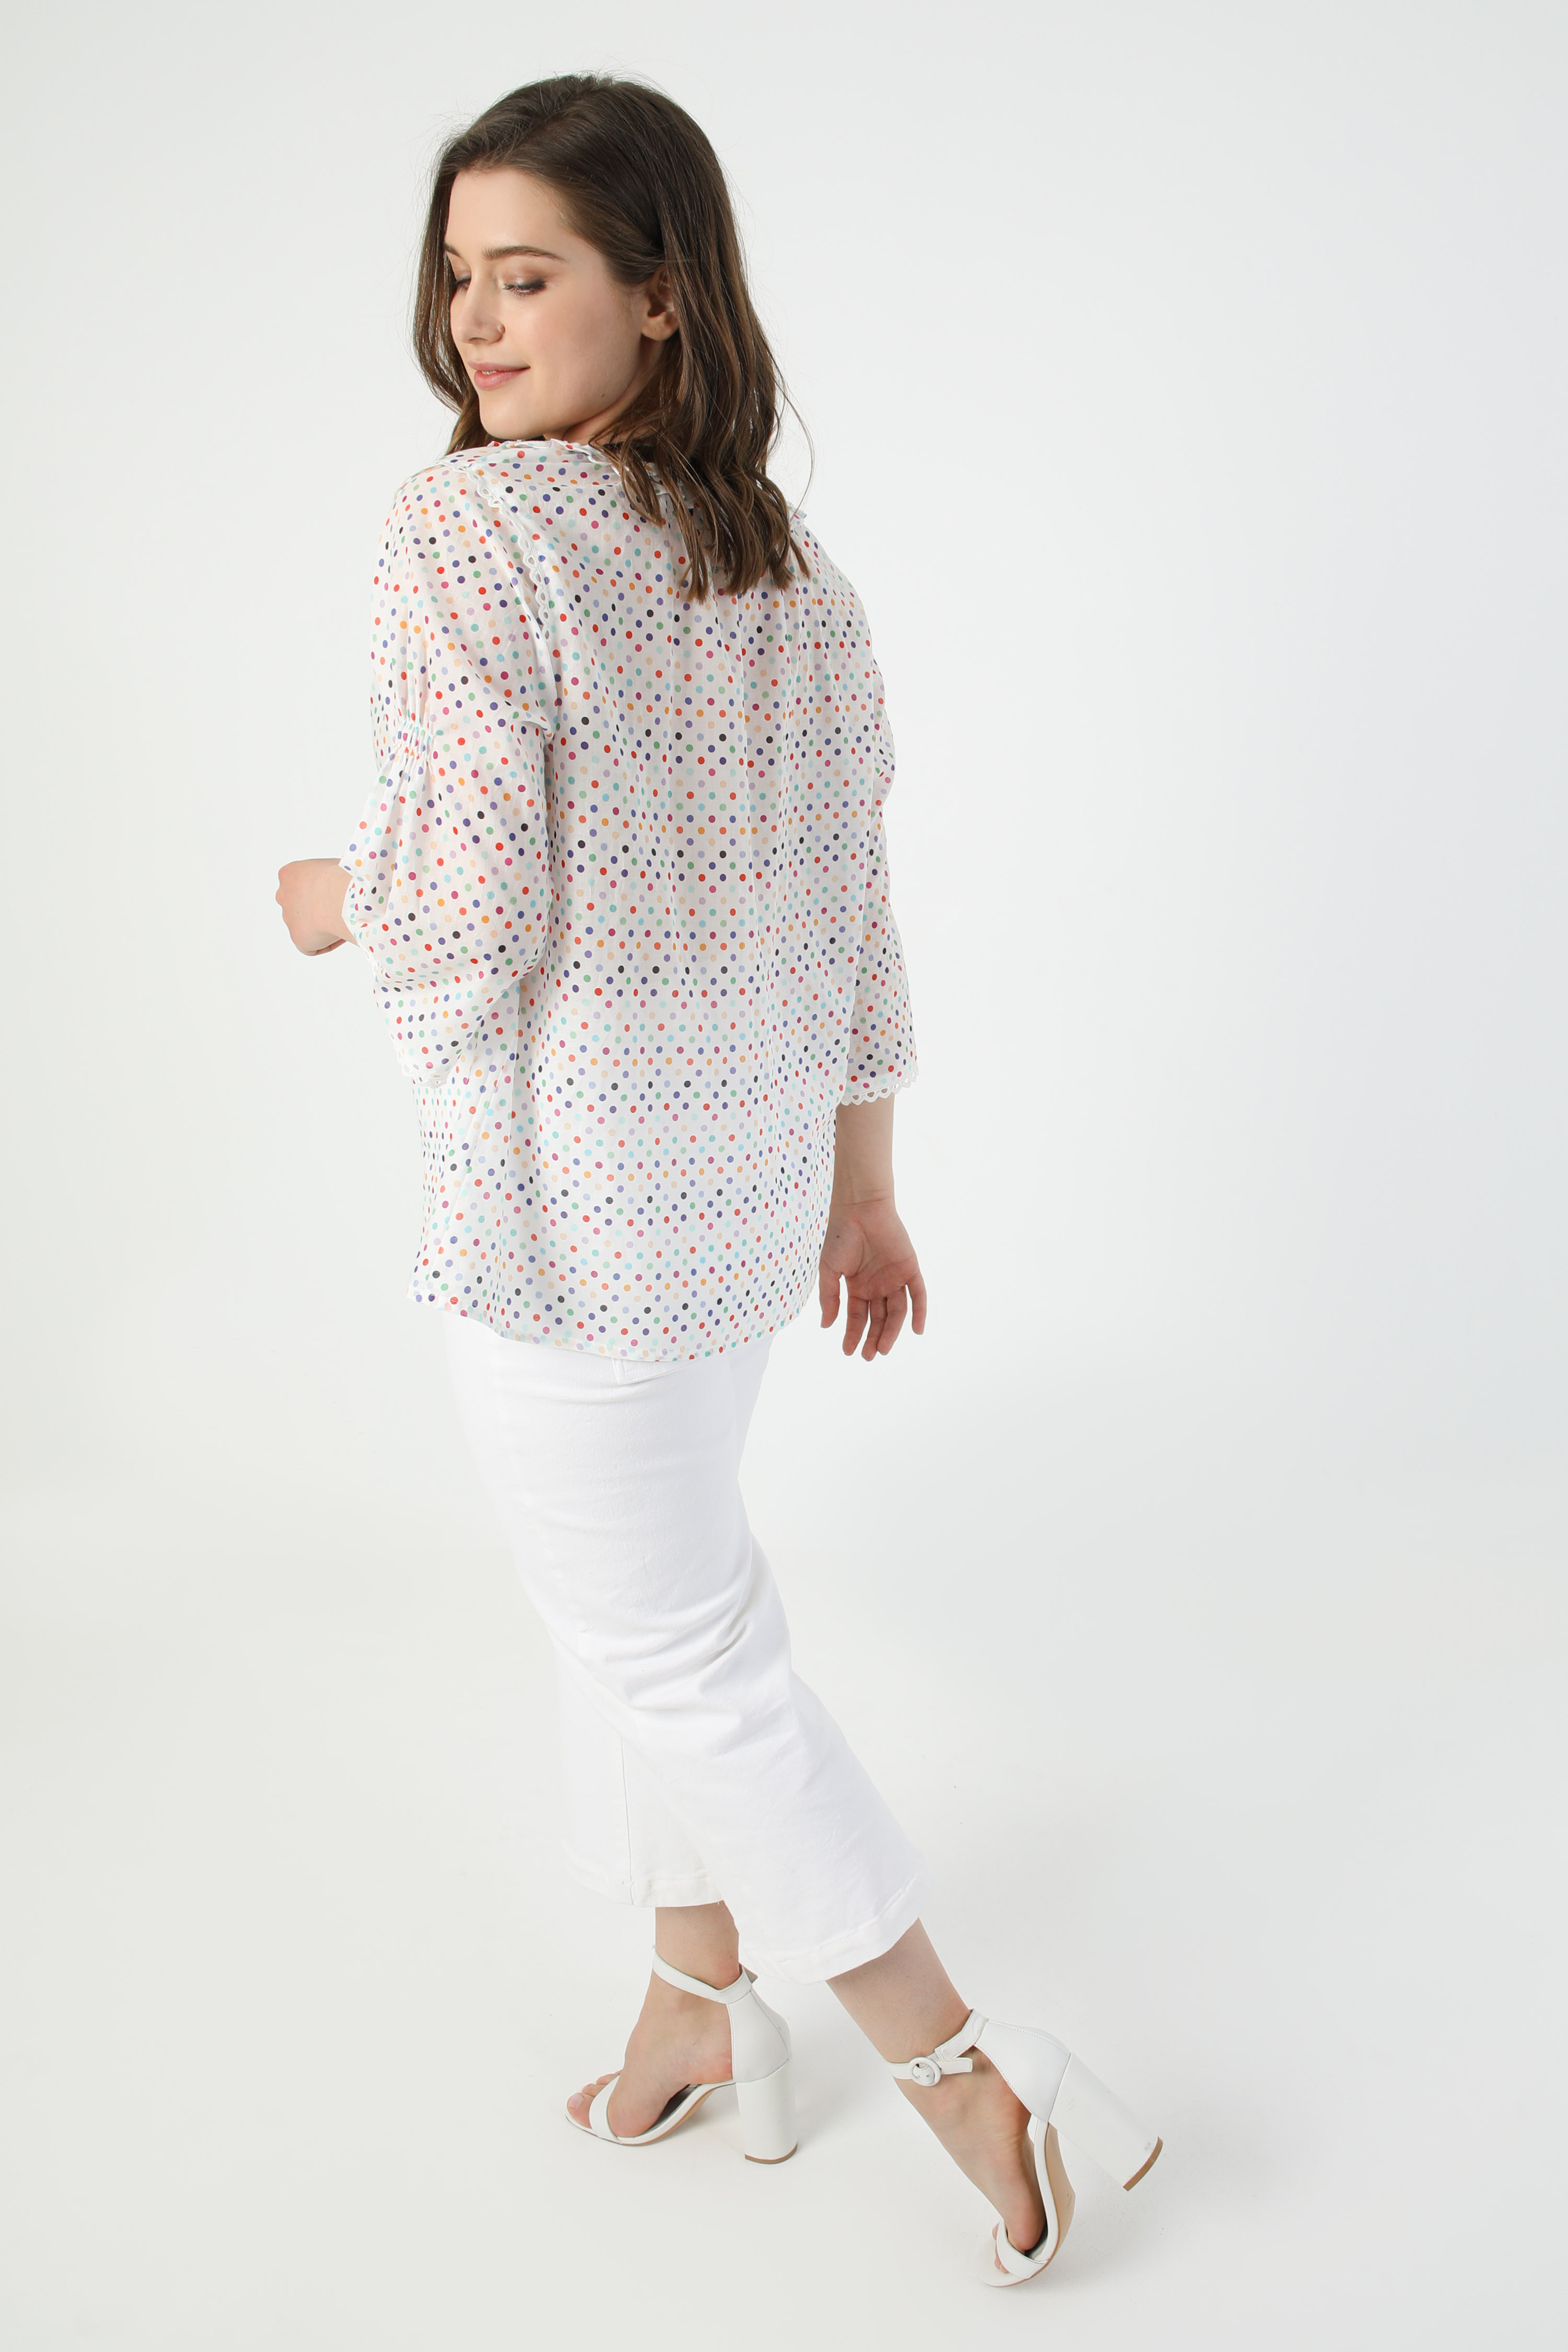 Multicolored polka-dot cotton veil shirt (shipping May 5/10)